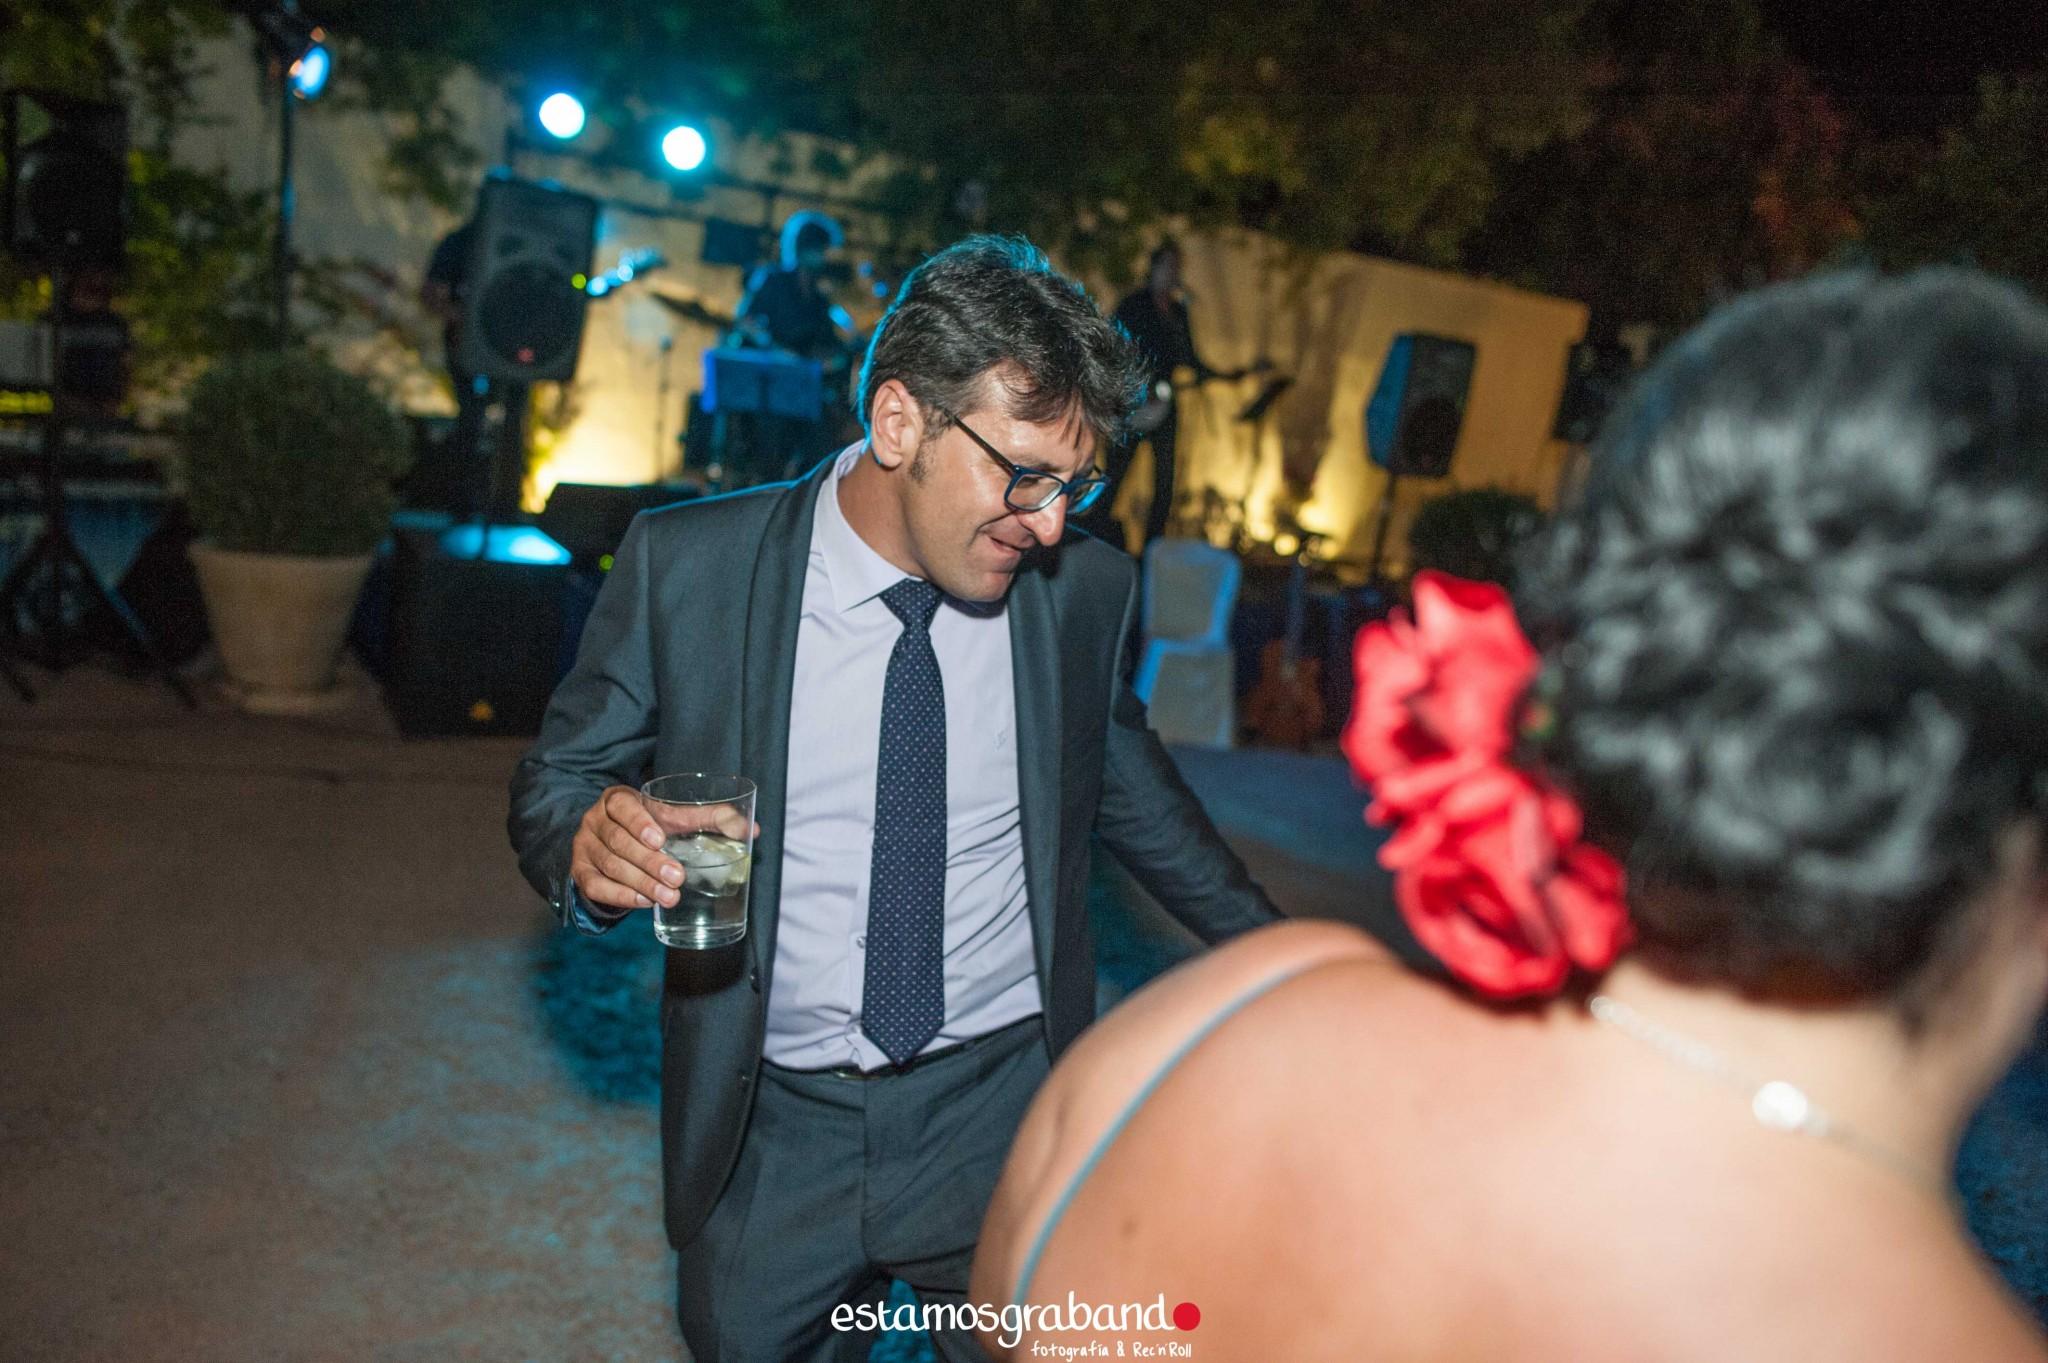 Miguel-Ana-47 Los invitados de Ana & Miguel [Fotografía de Boda_Viña La Carreña, Jerez] - video boda cadiz